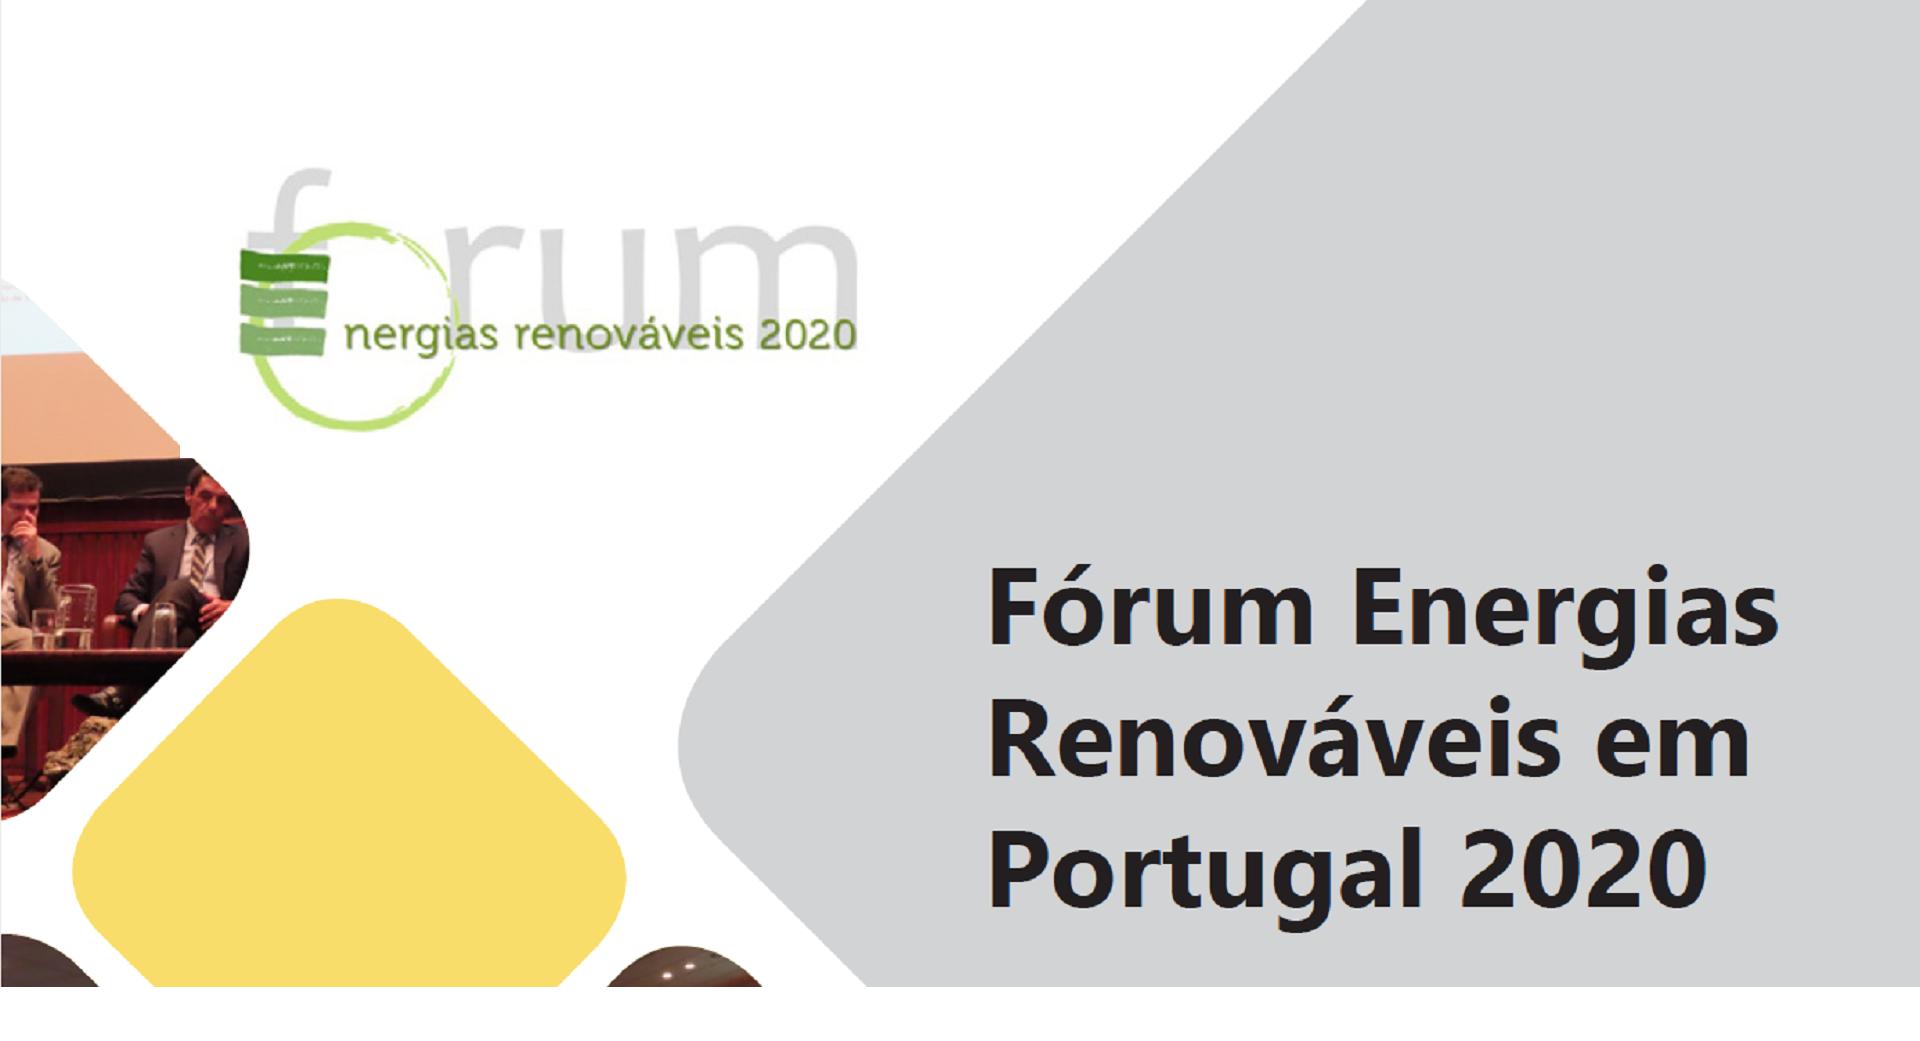 Capa - Fórum Energias Renováveis em Portugal 2020